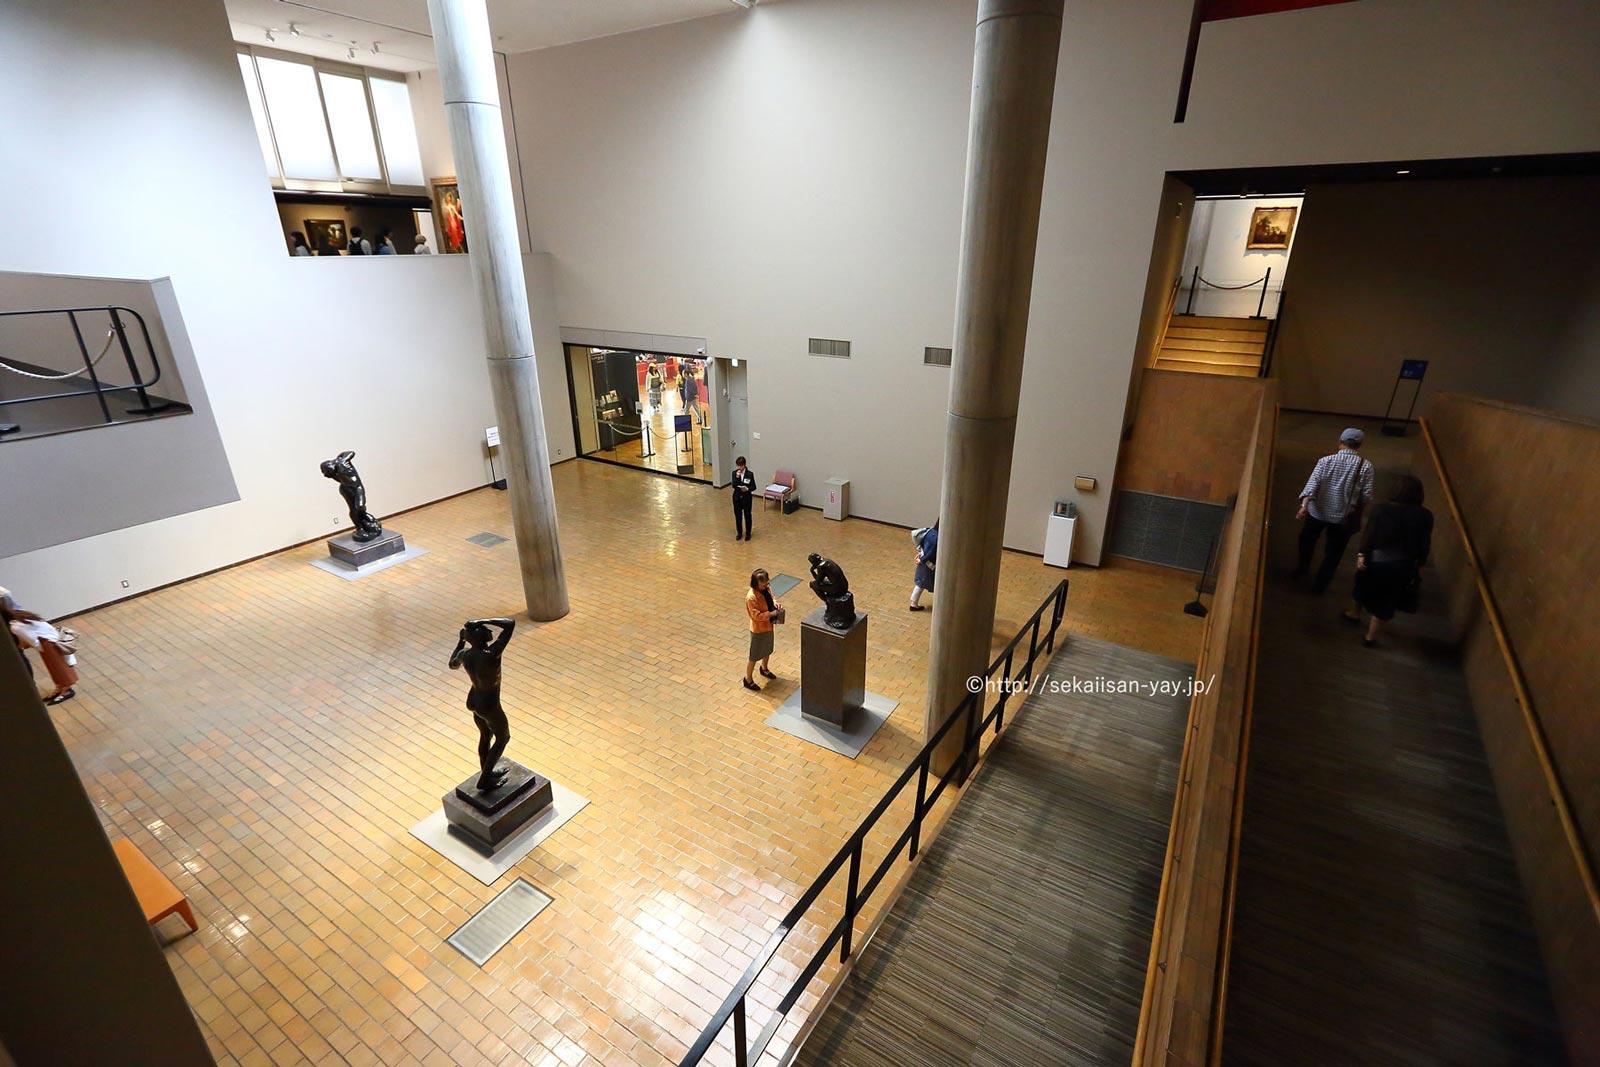 日本「国立西洋美術館本館」